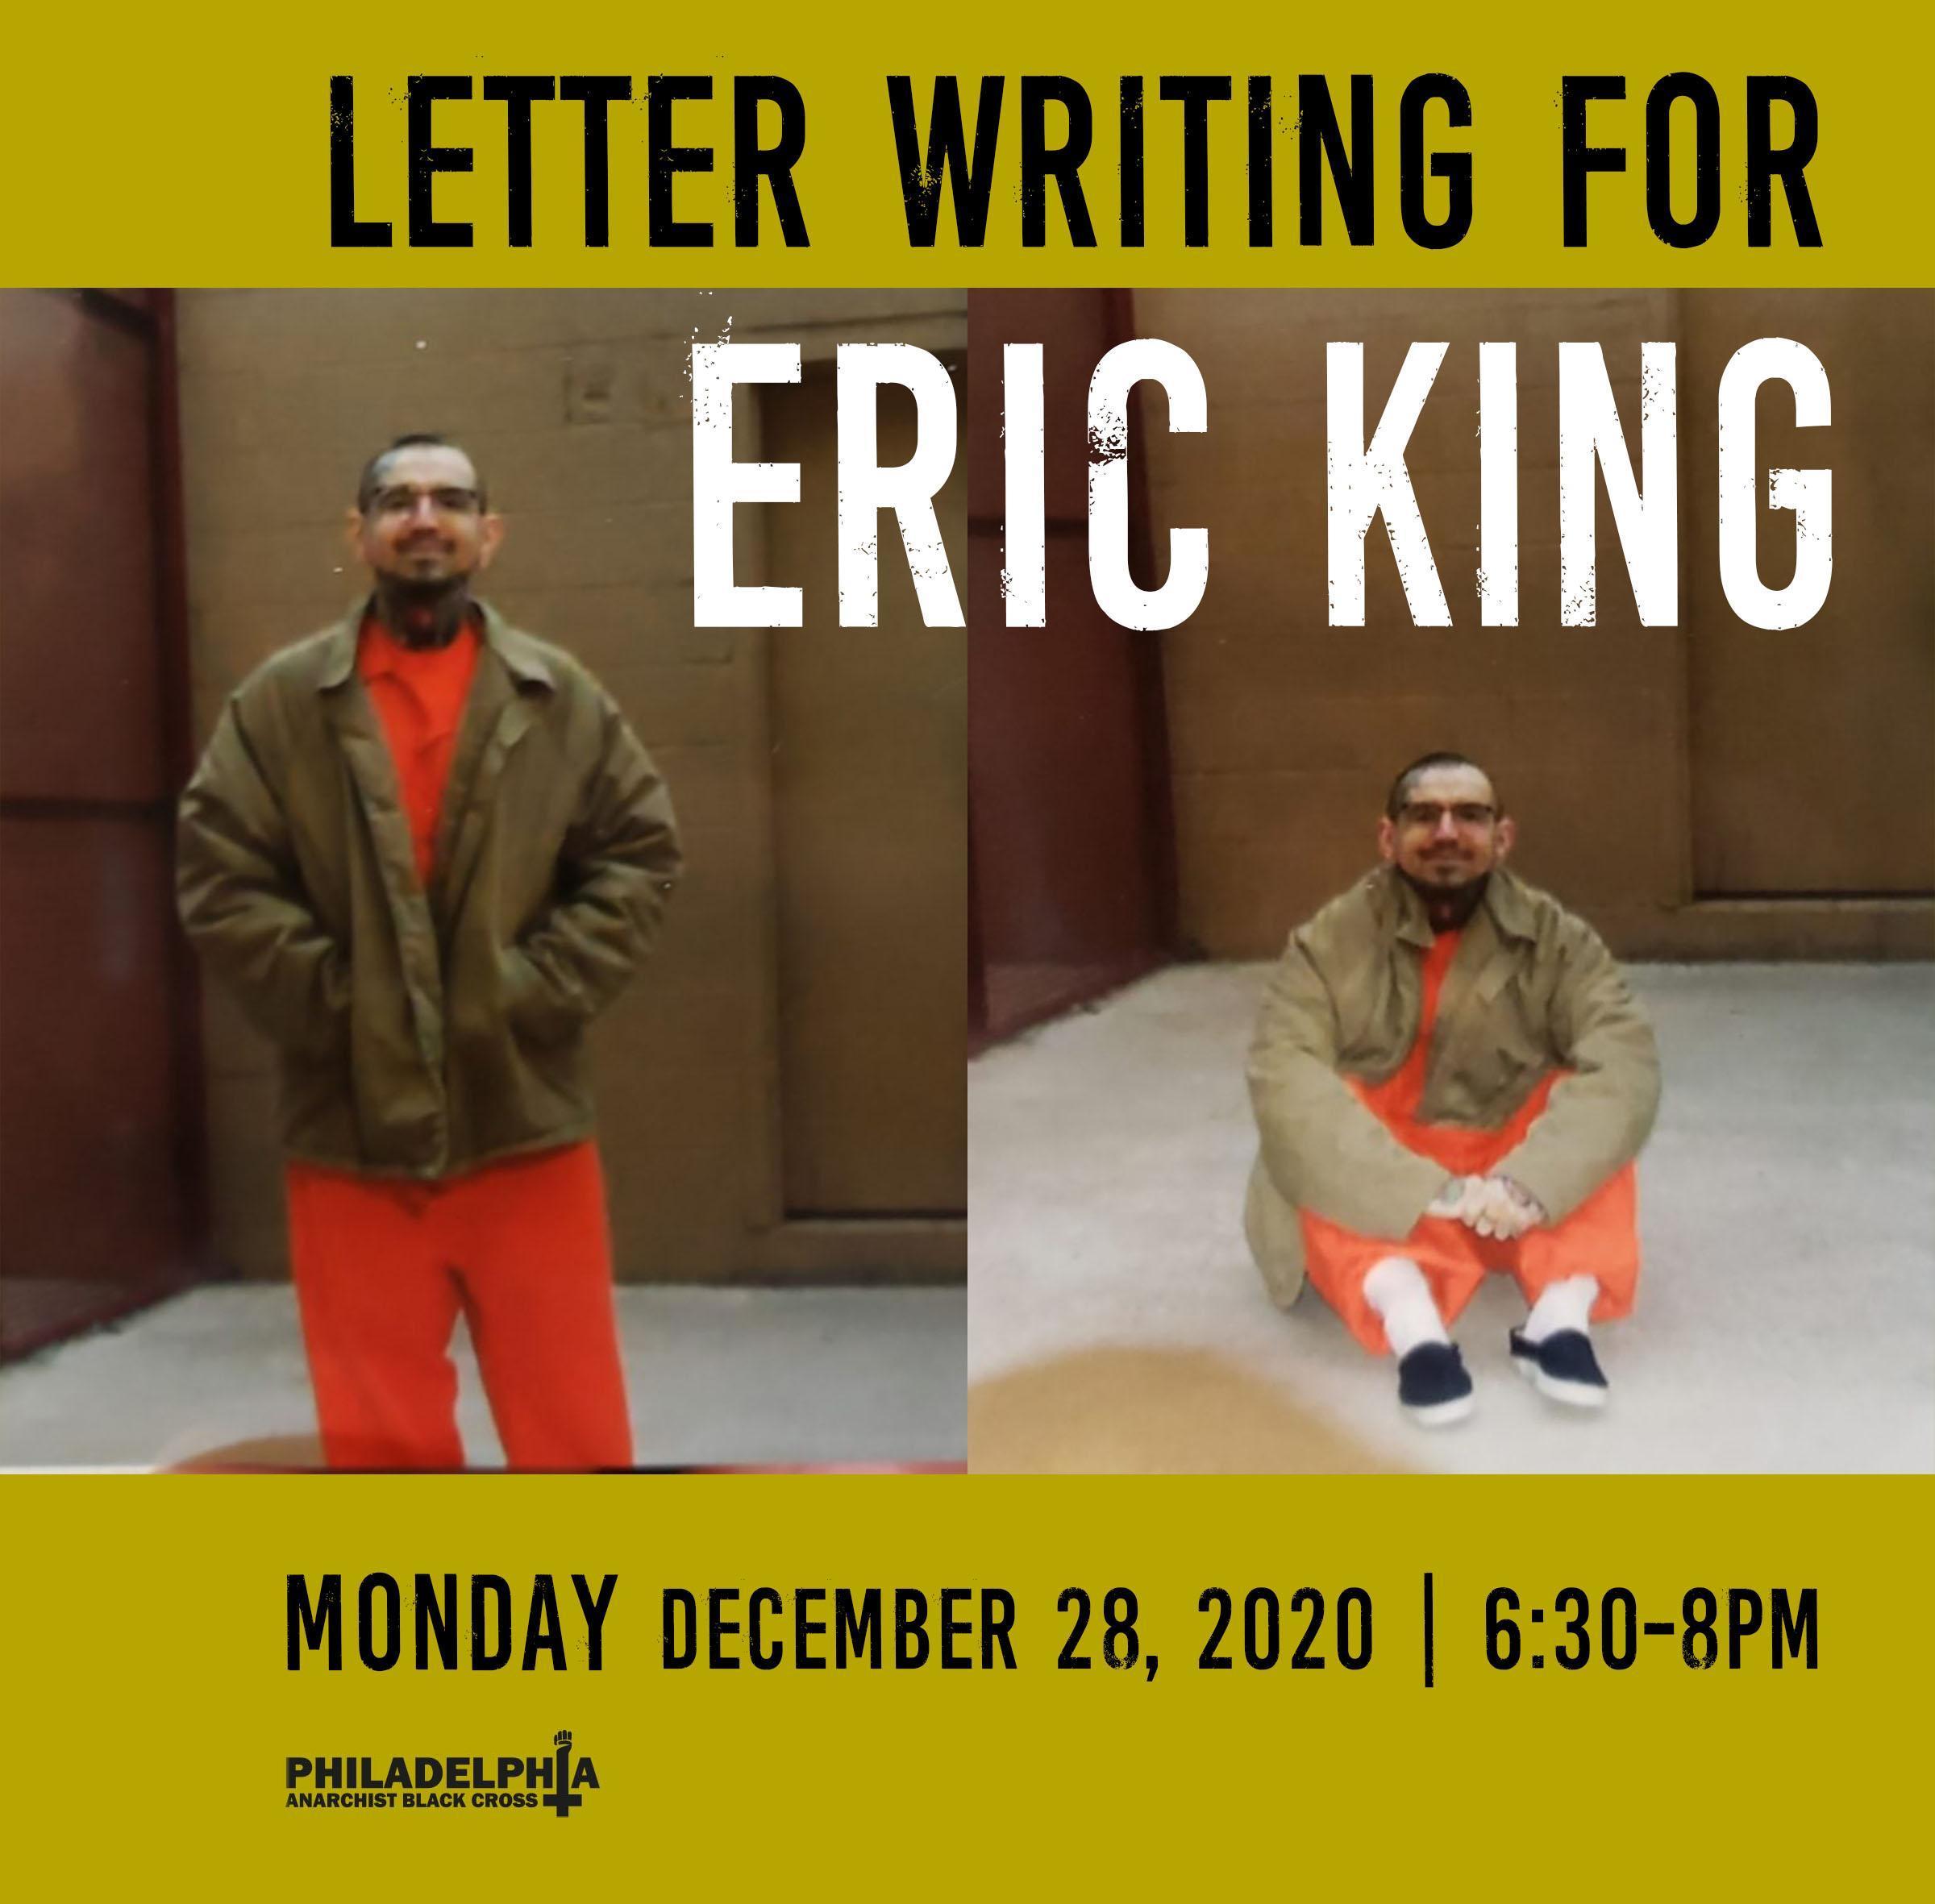 eric-king-letter-writing-2020.jpg